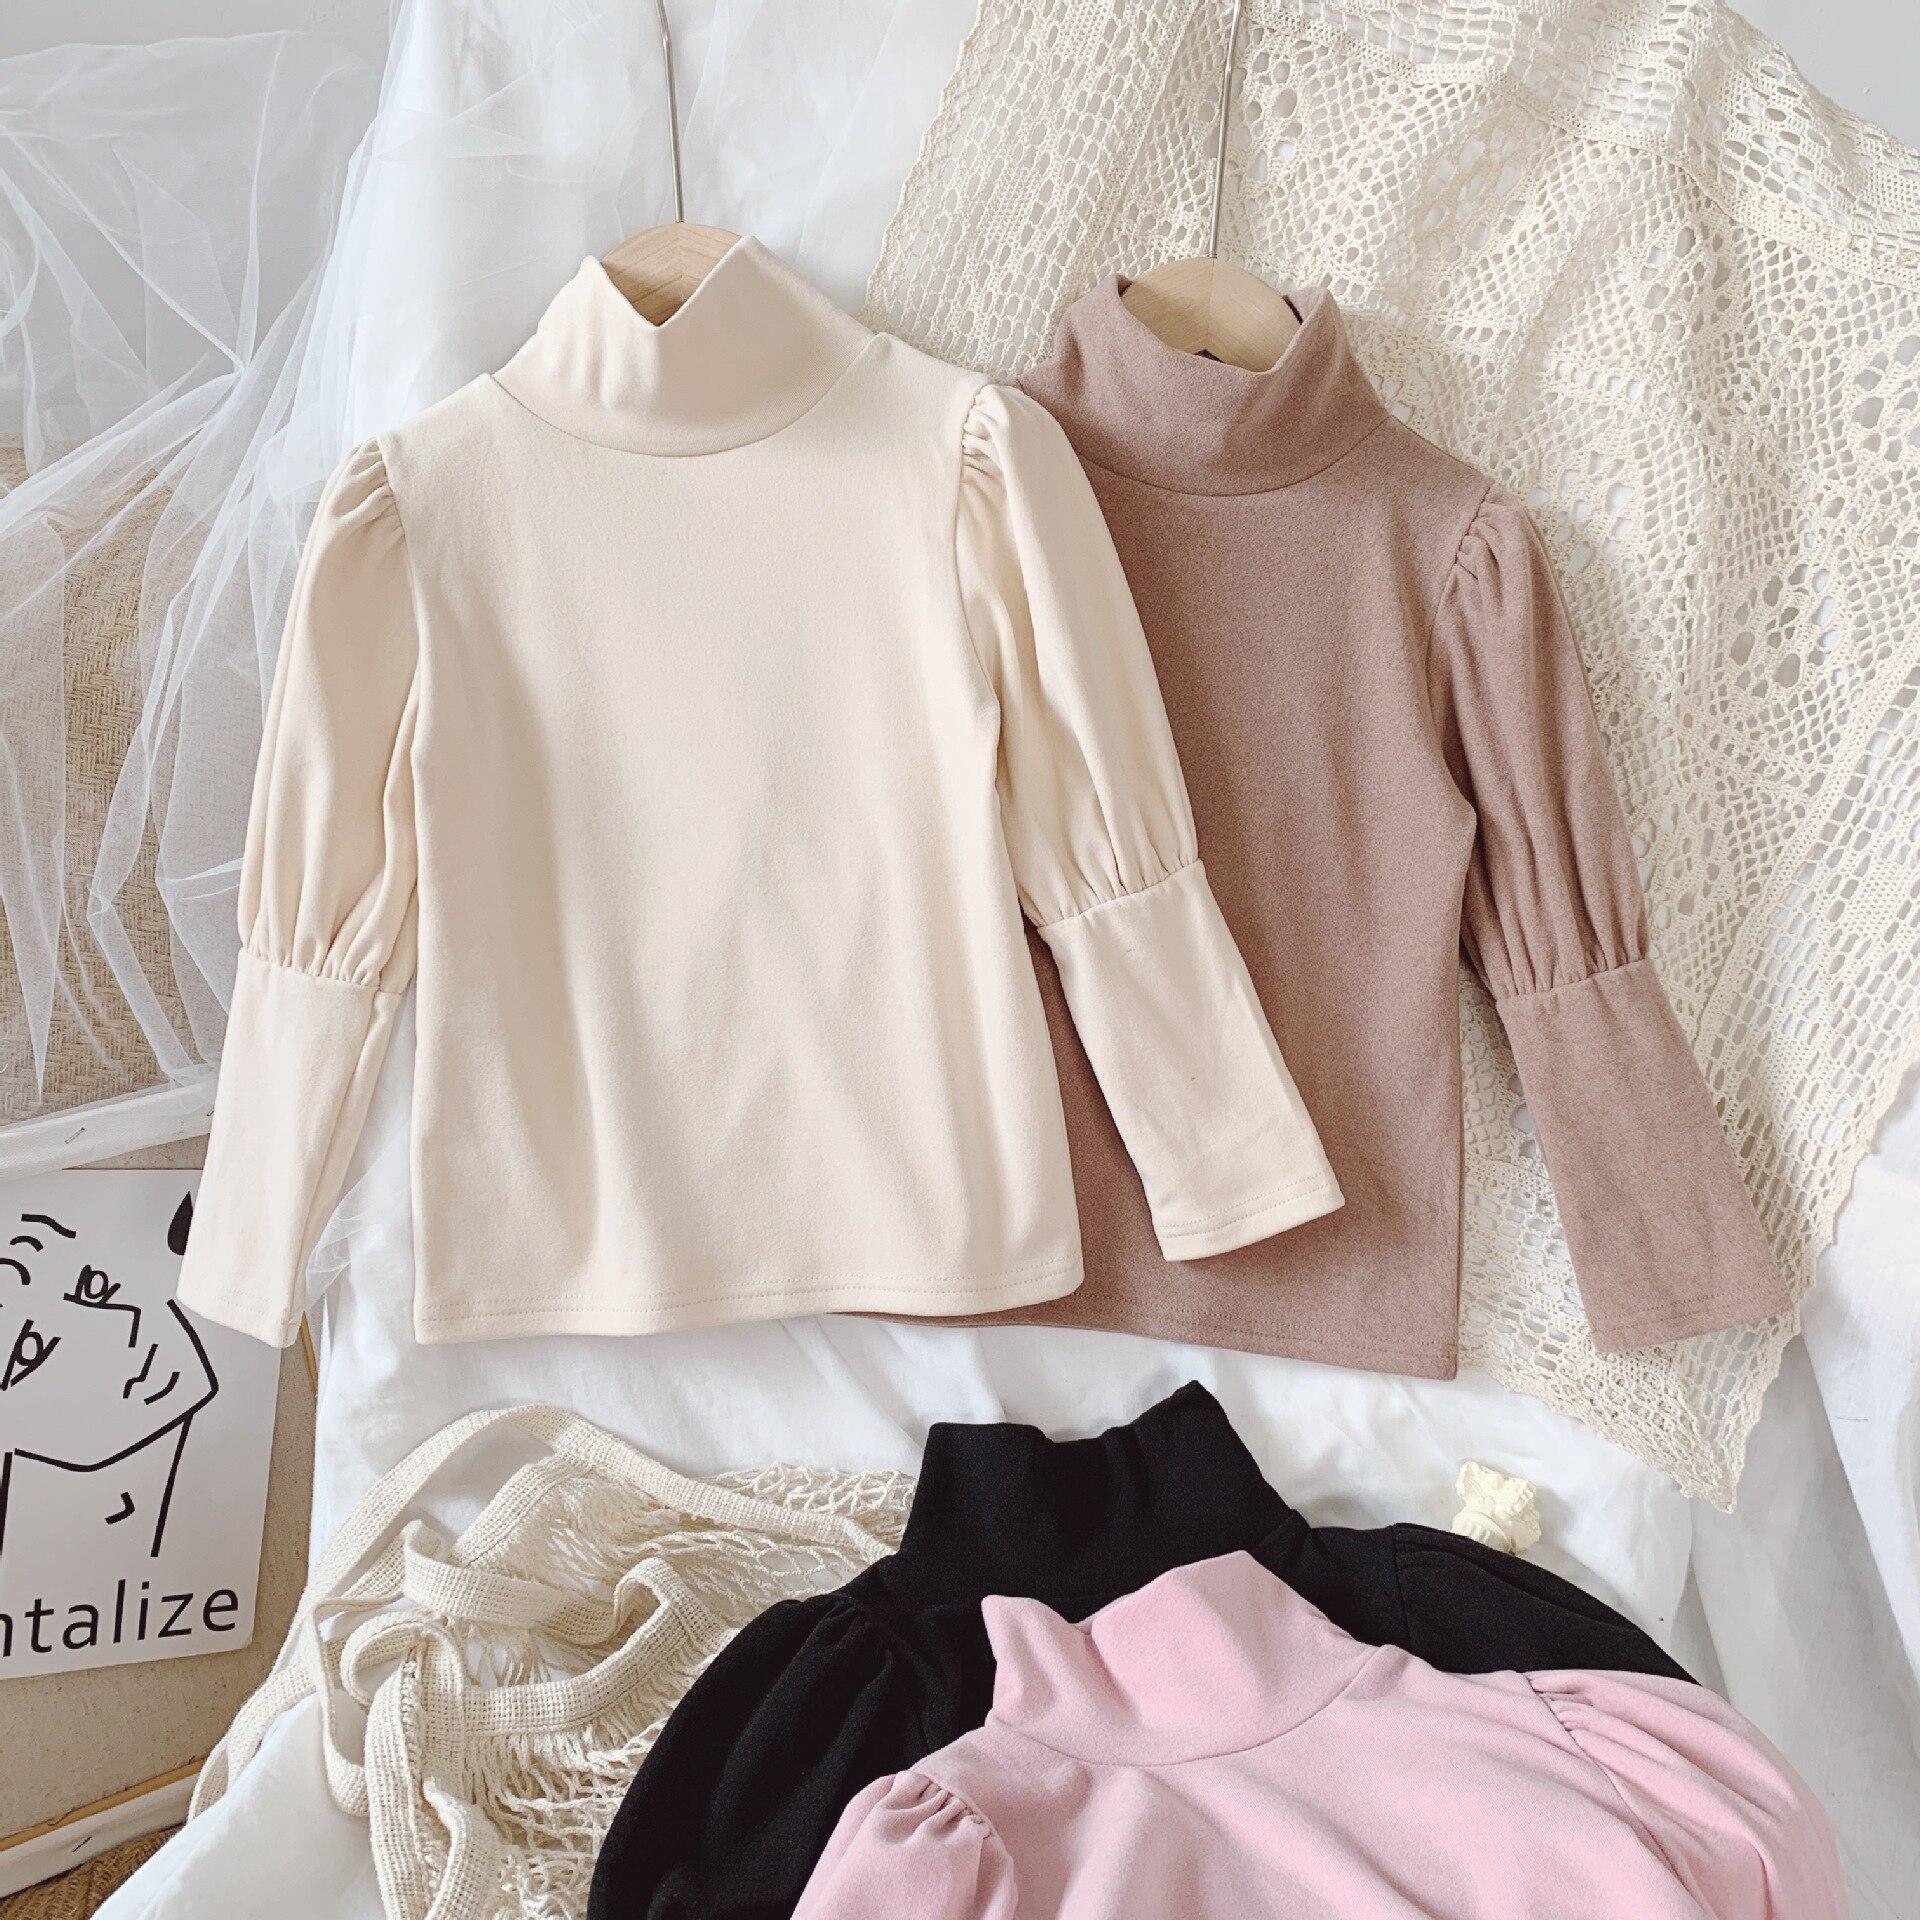 2021 Autumn New Arrival Girls Long Sleeve Cotton T Shirt Kids Puff Sleeve T Shirt  Princess T Shirt 4